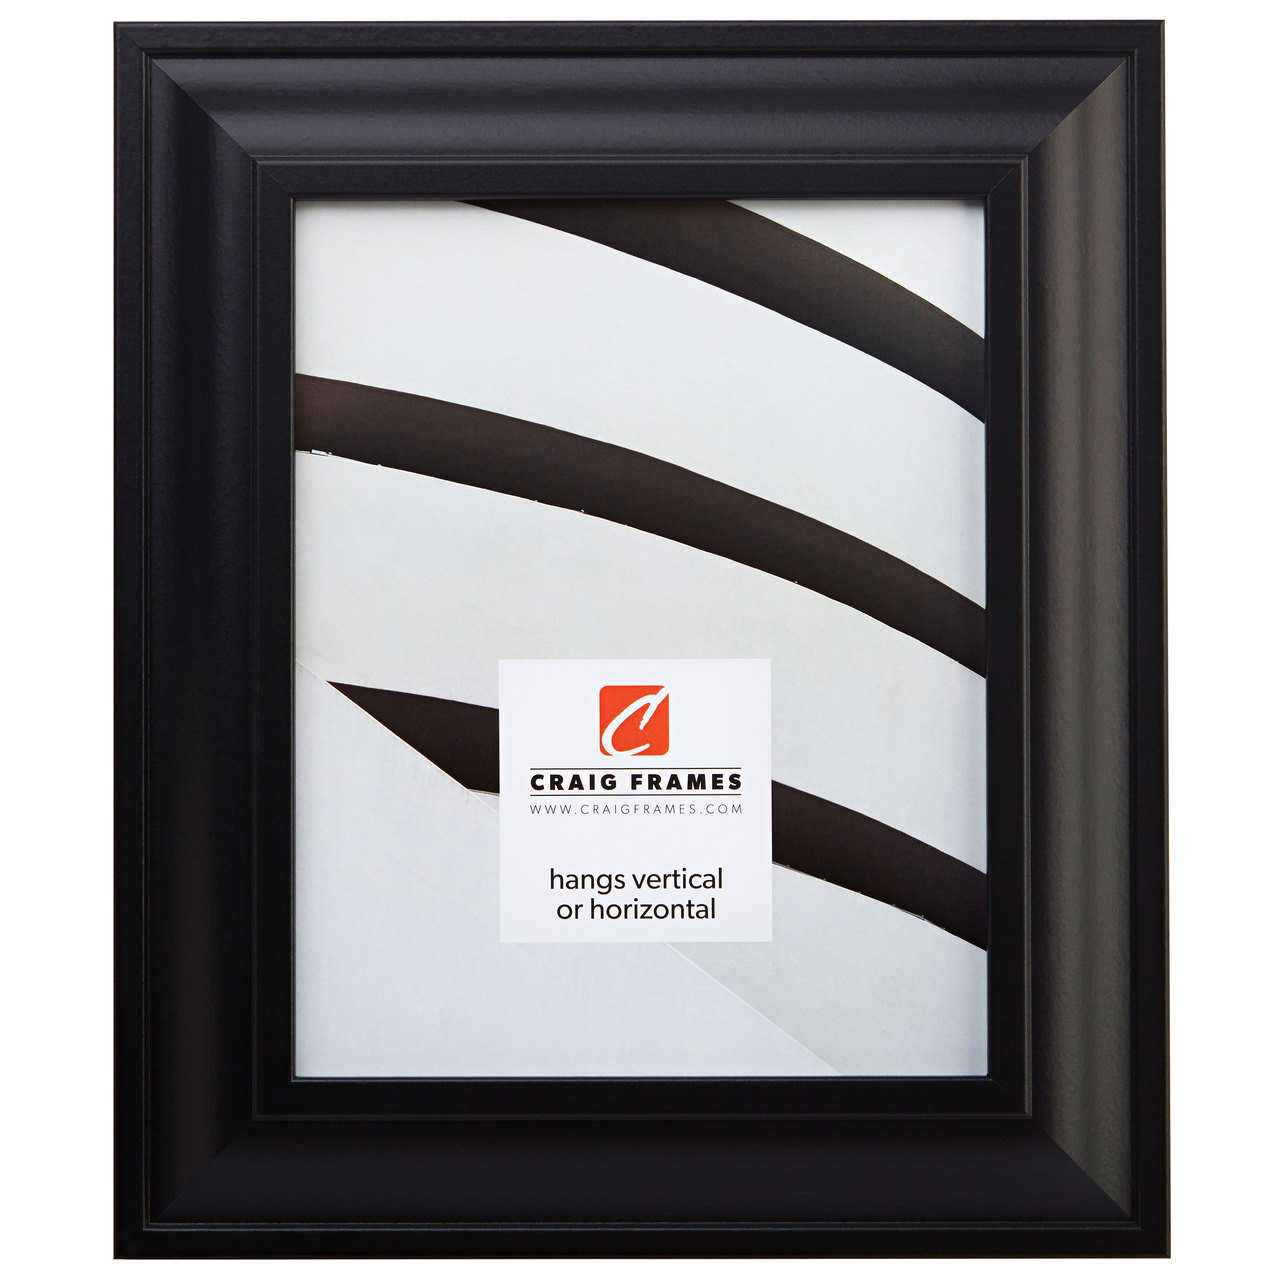 Custom Frames, Collage Frames, Picture Frames - Craig Frames, Inc.